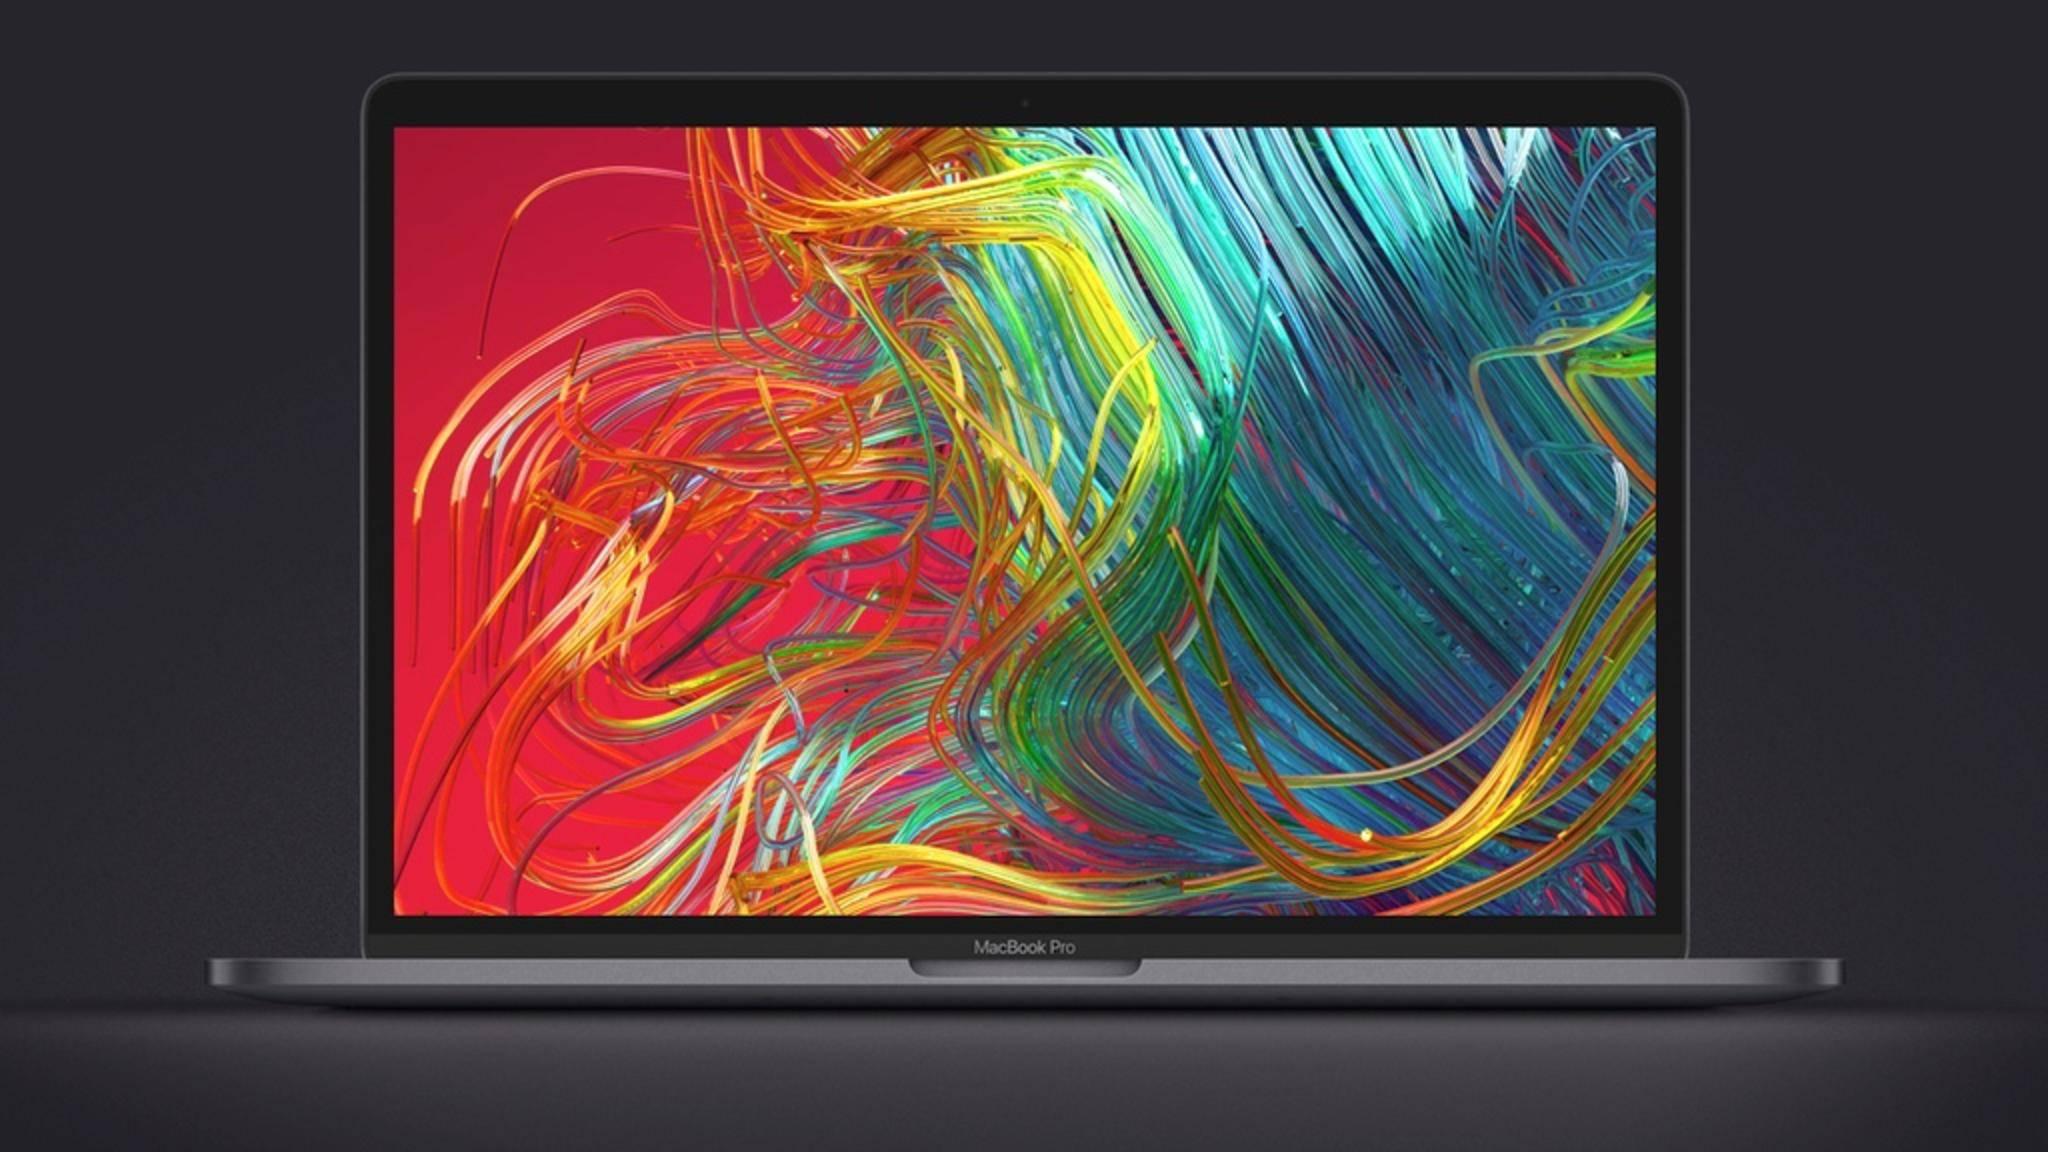 Beim MacBook Pro kann die Bildschirmaufnahme auch über die Touch bar gesteuert werden.